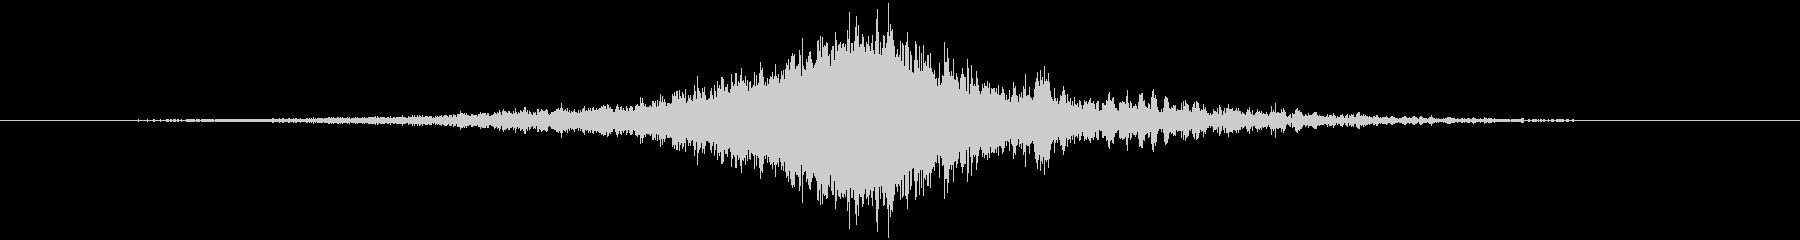 【シネマティック】WHOOSH_02の未再生の波形